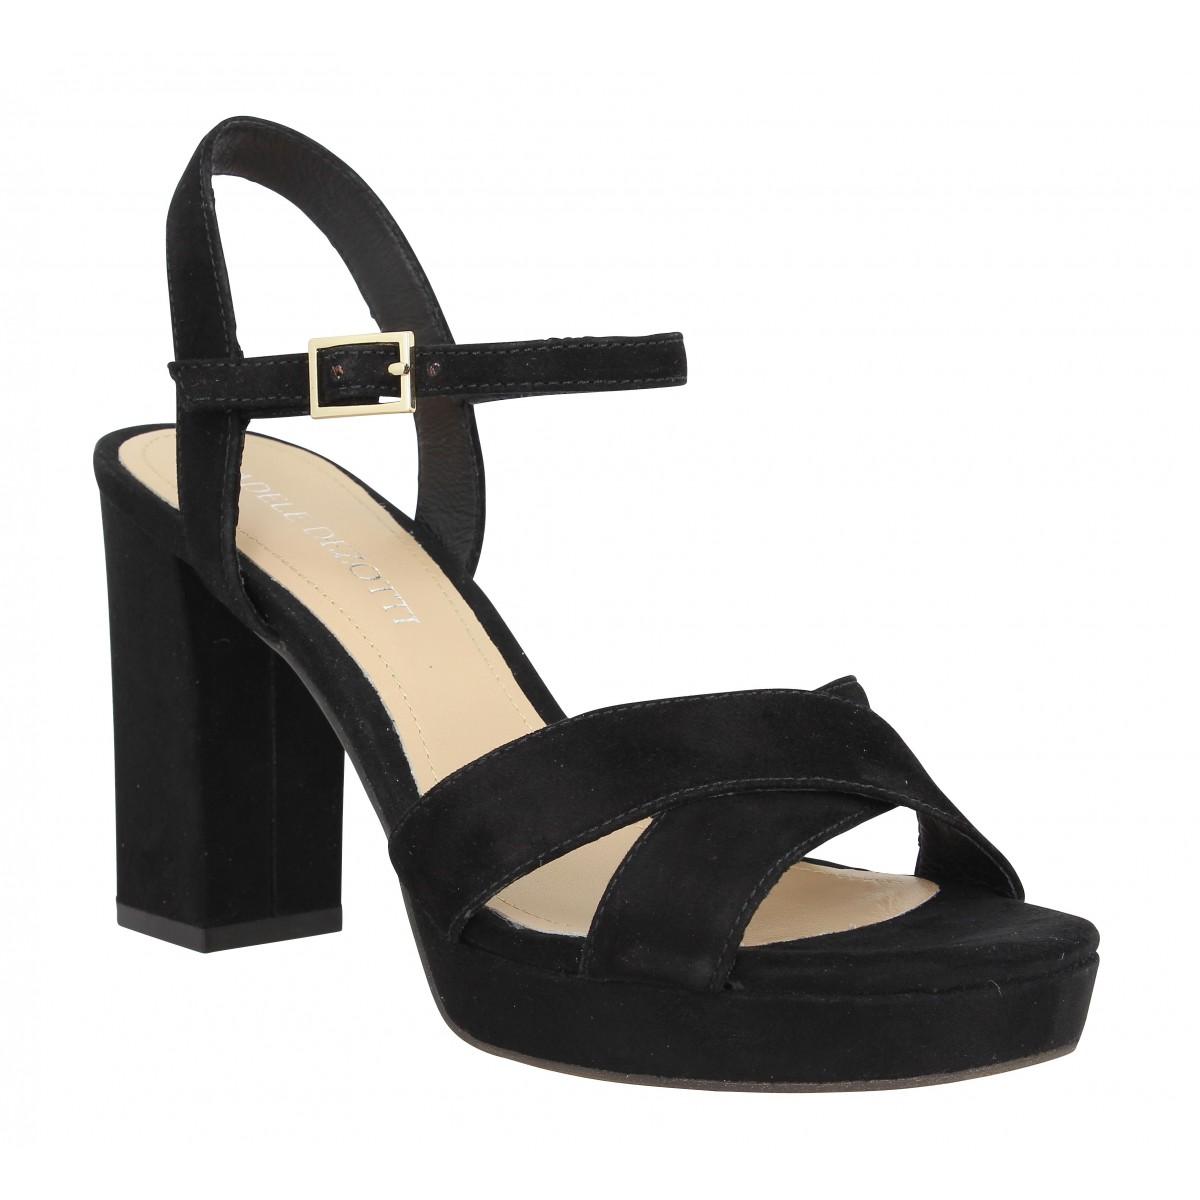 Sandales talons ADELE DEZOTTI 180 velours Femme Noir